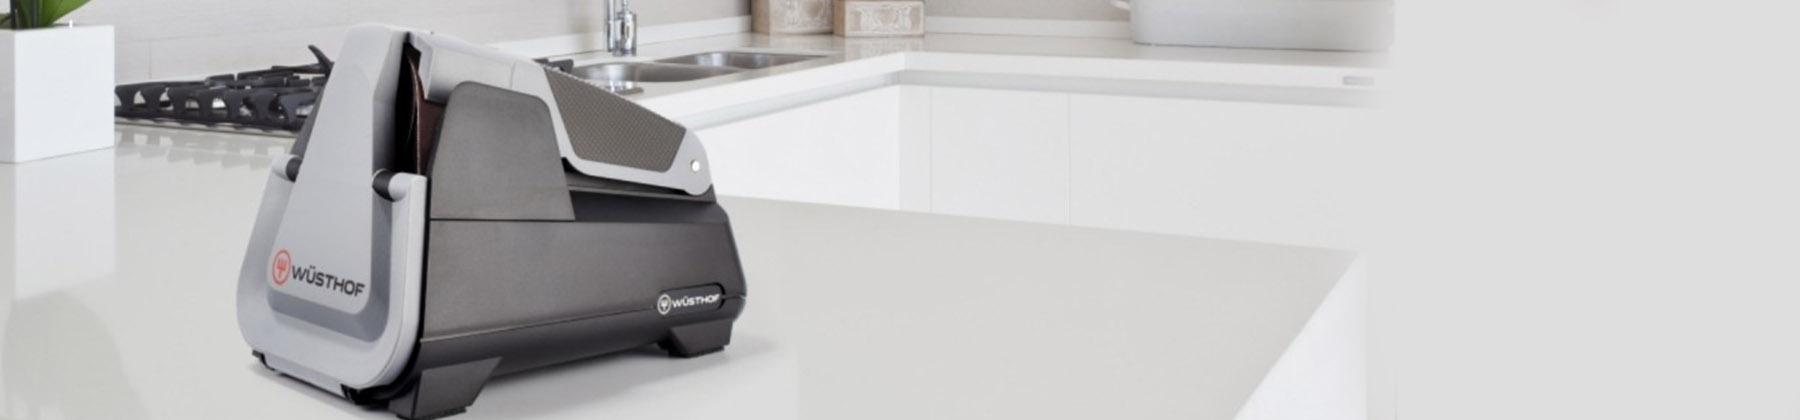 Photo of knife sharpener.